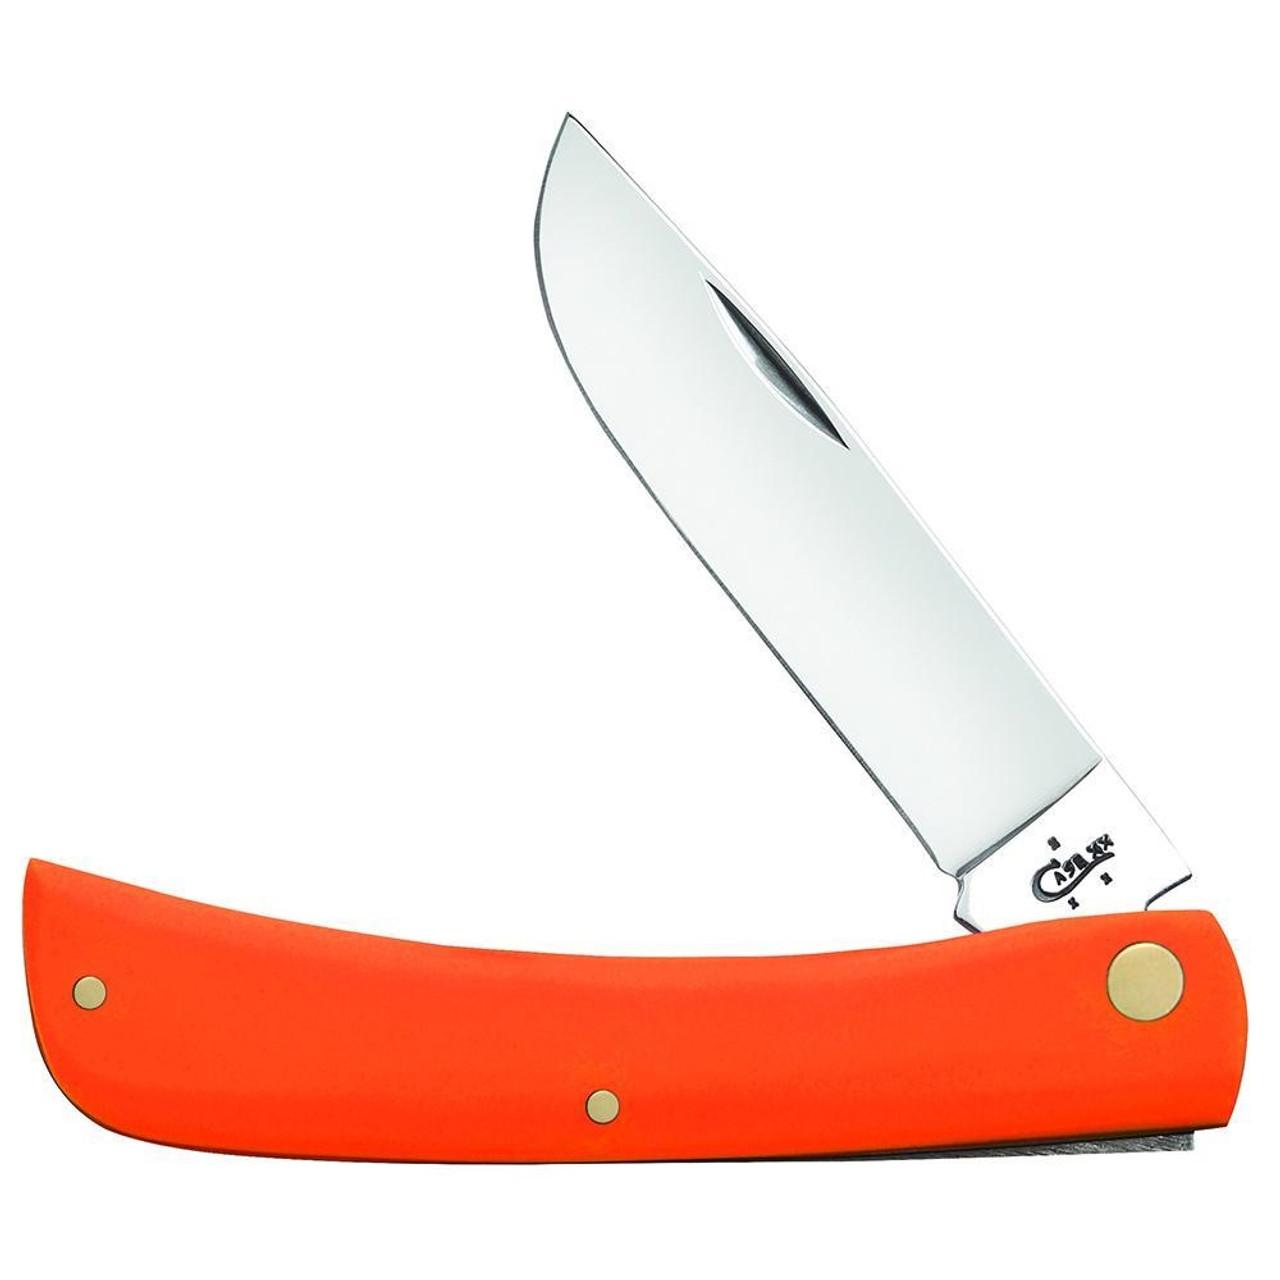 Case Sod Buster Jr. Orange Synthetic Folder Knife, Satin Blade